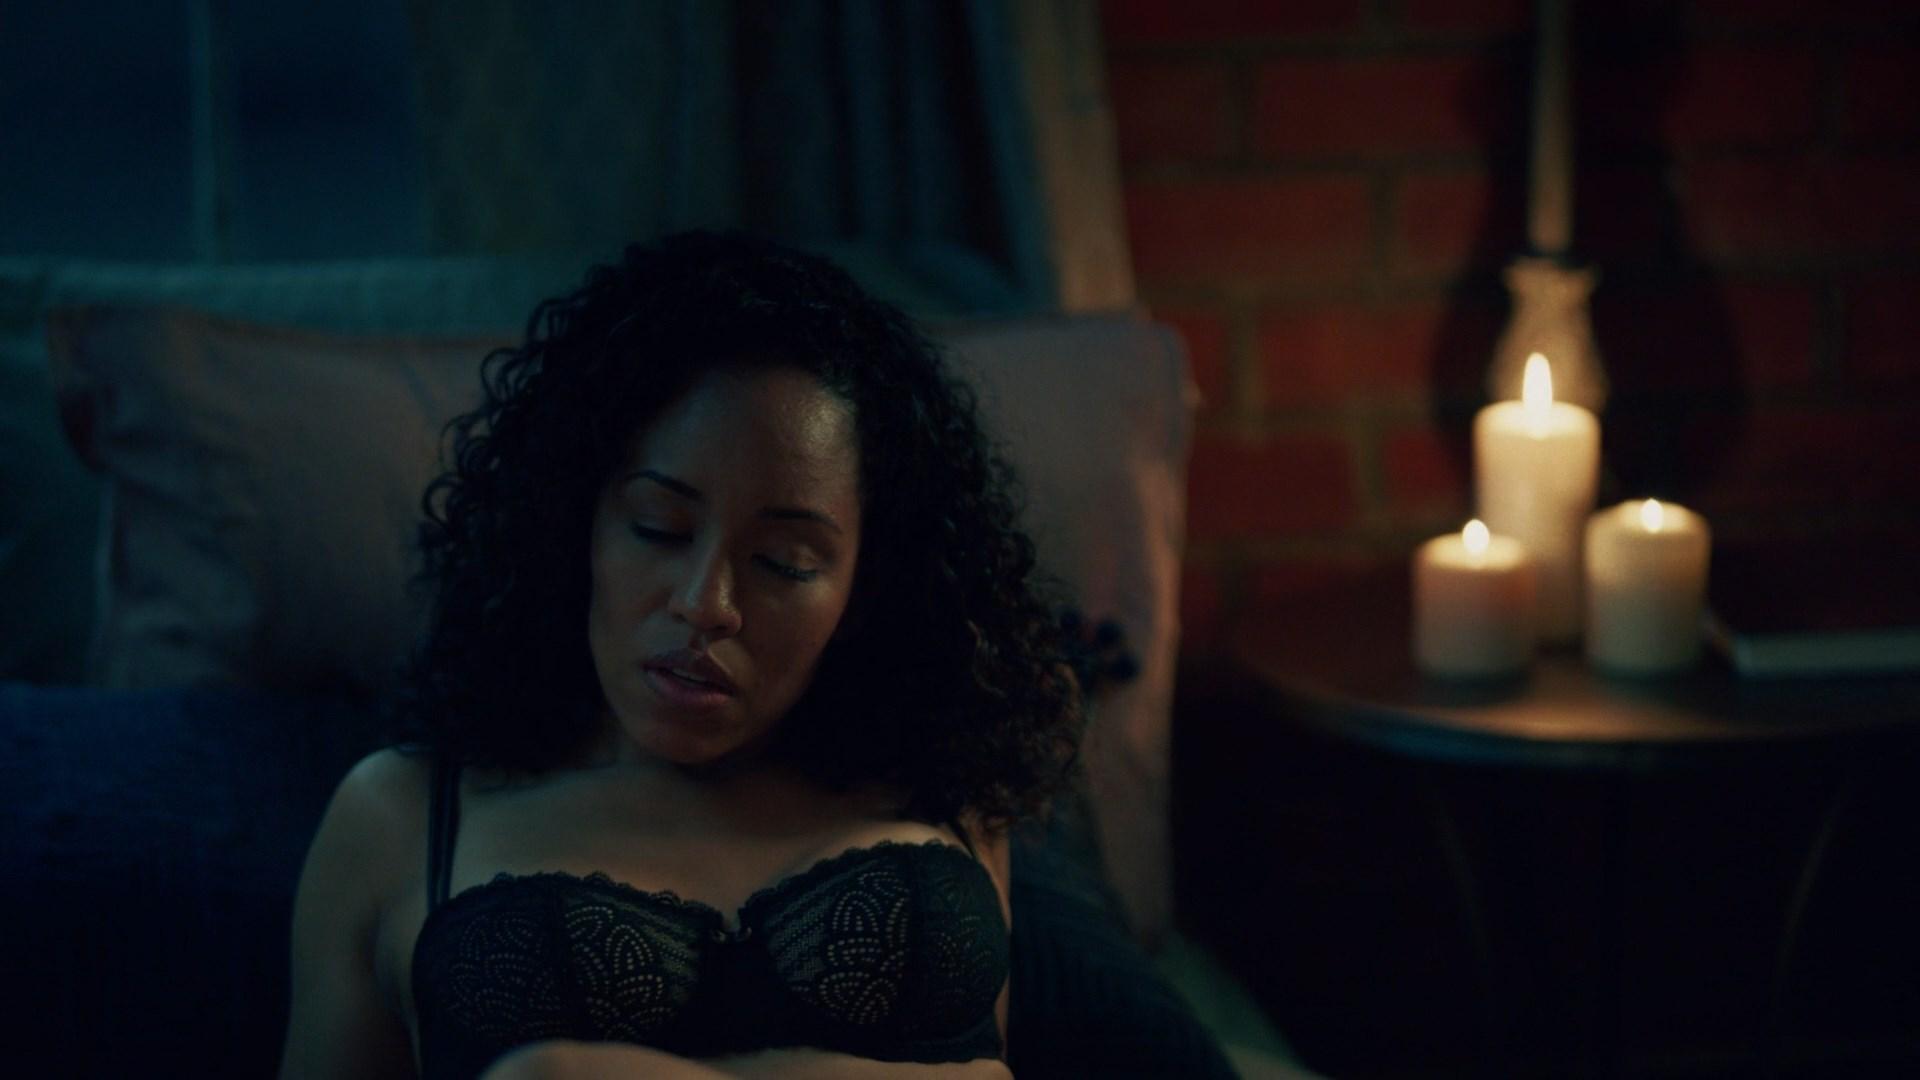 Dawn-Lyen Gardner sexy - Queen Sugar s02e13 (2017)